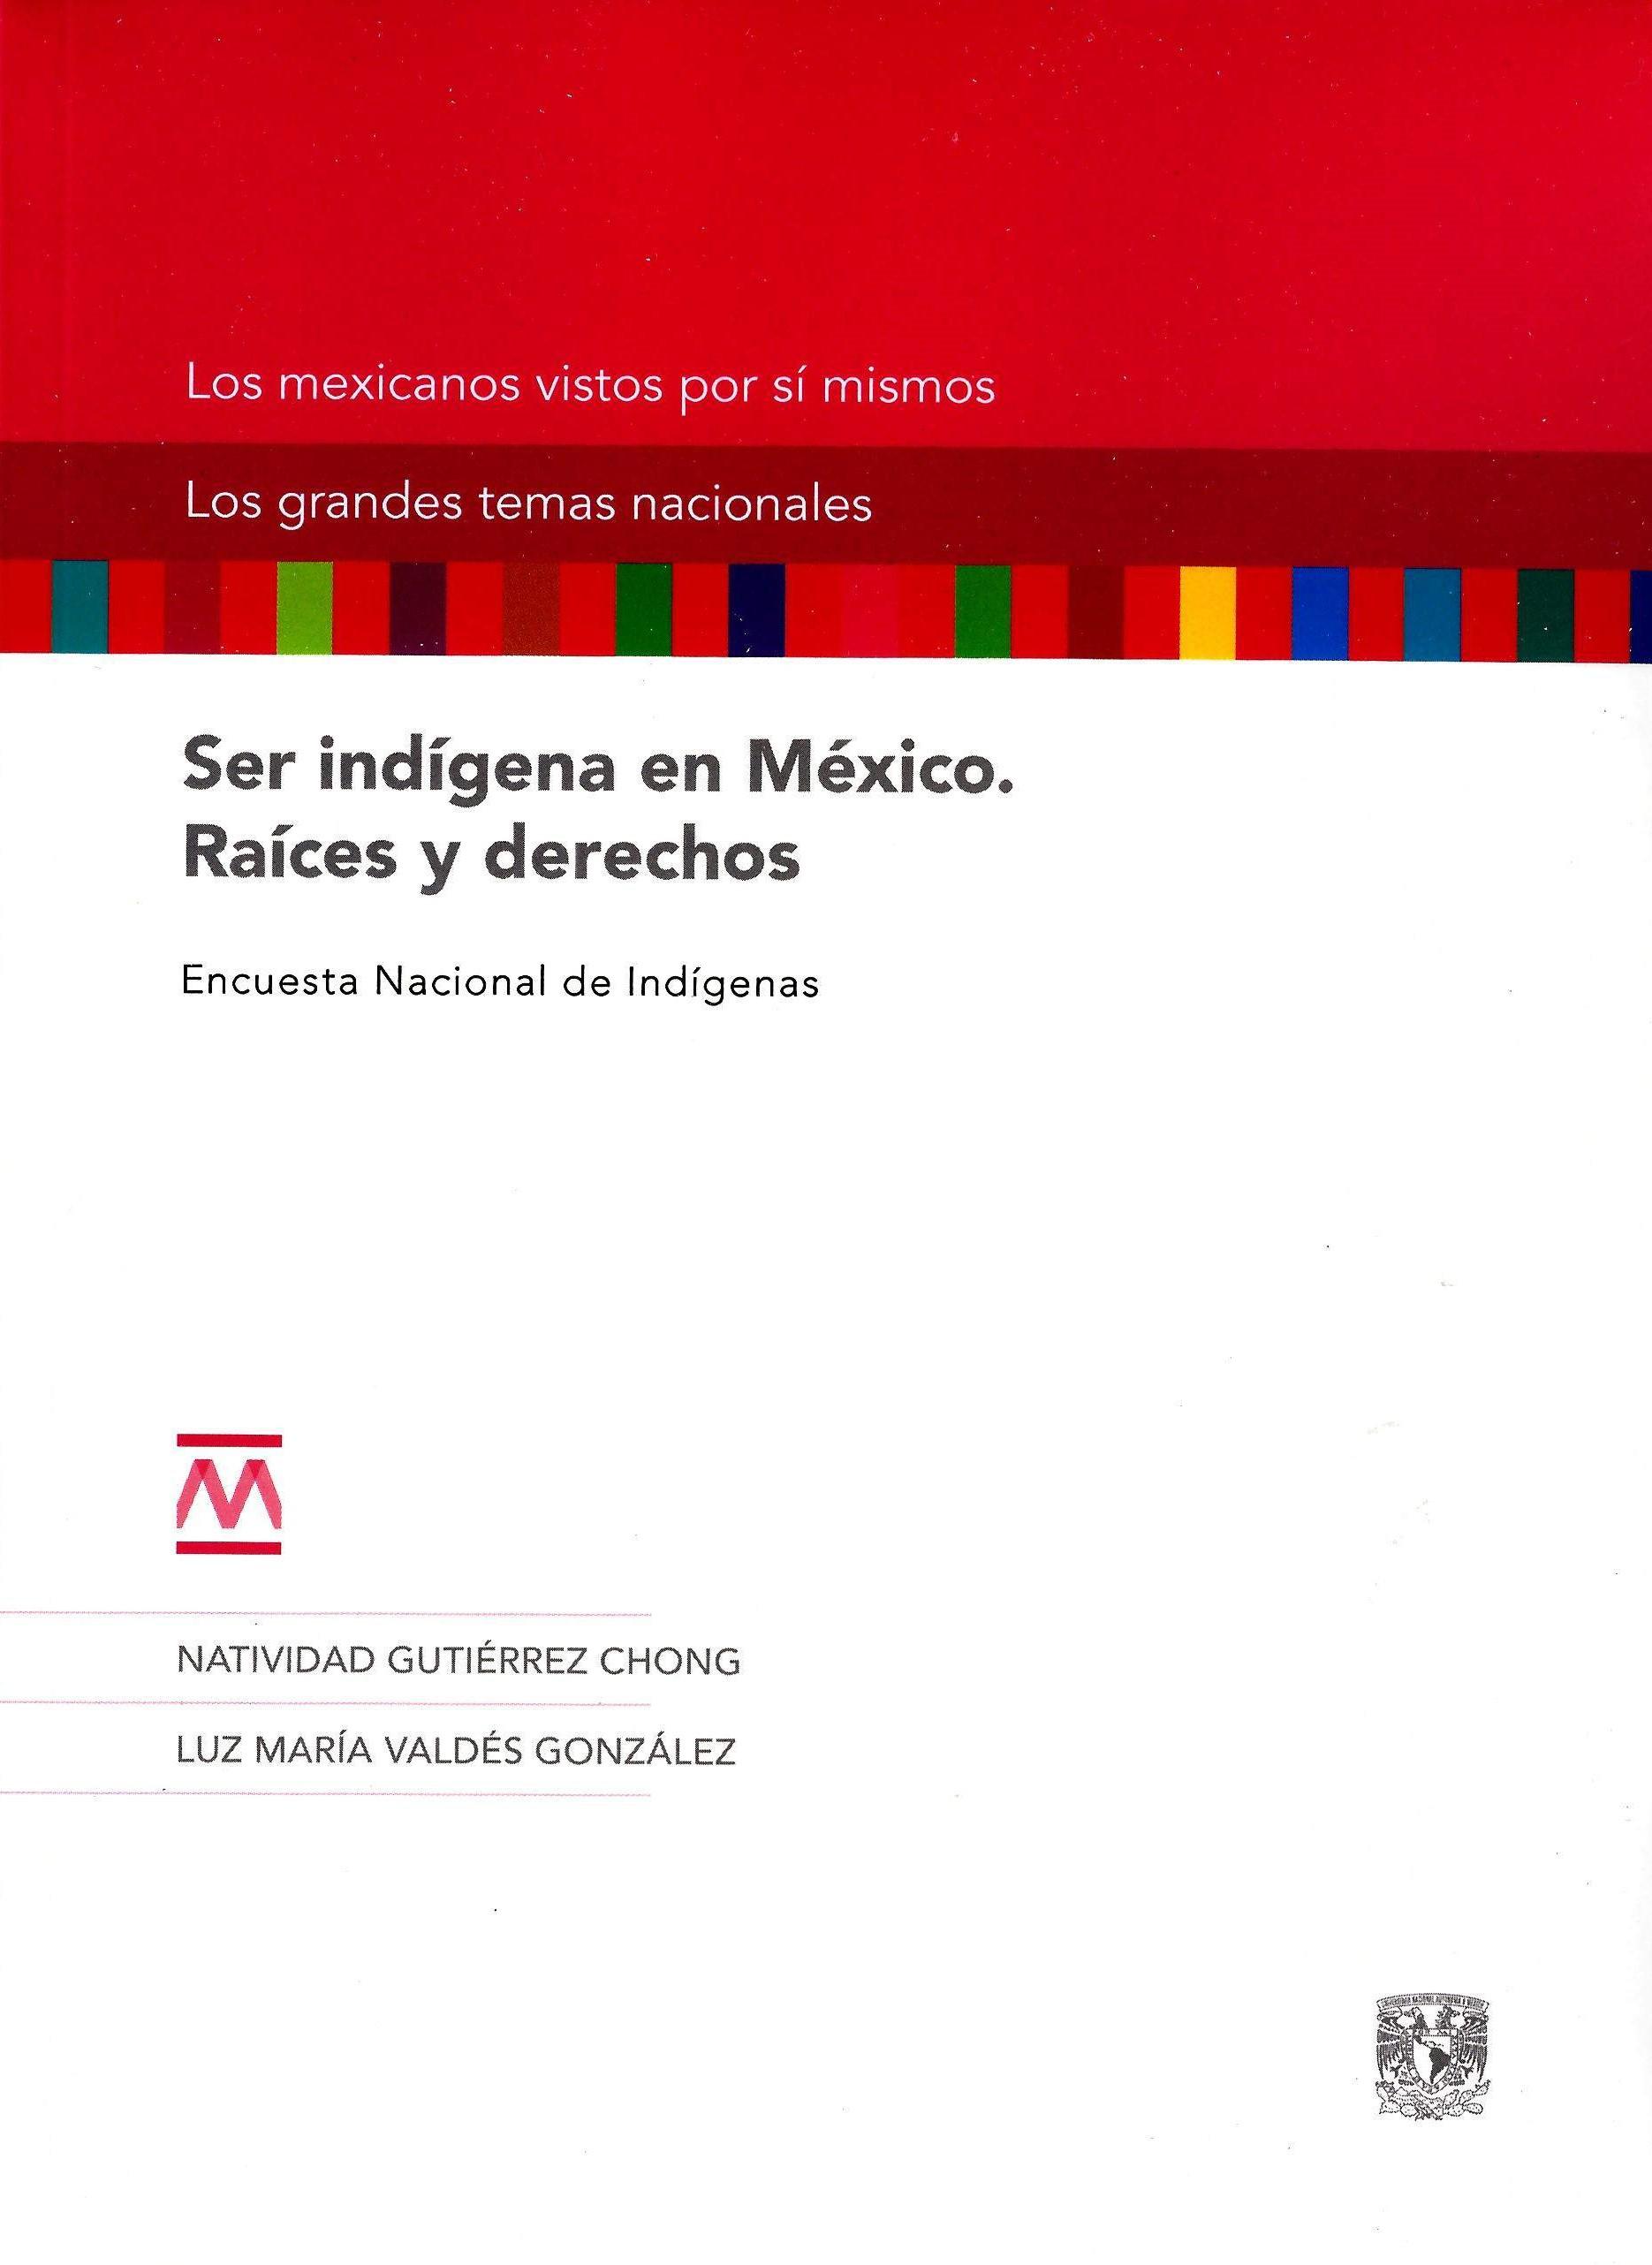 Ser indígena en México. Raíces y derechos. Encuesta Nacional de Indígenas